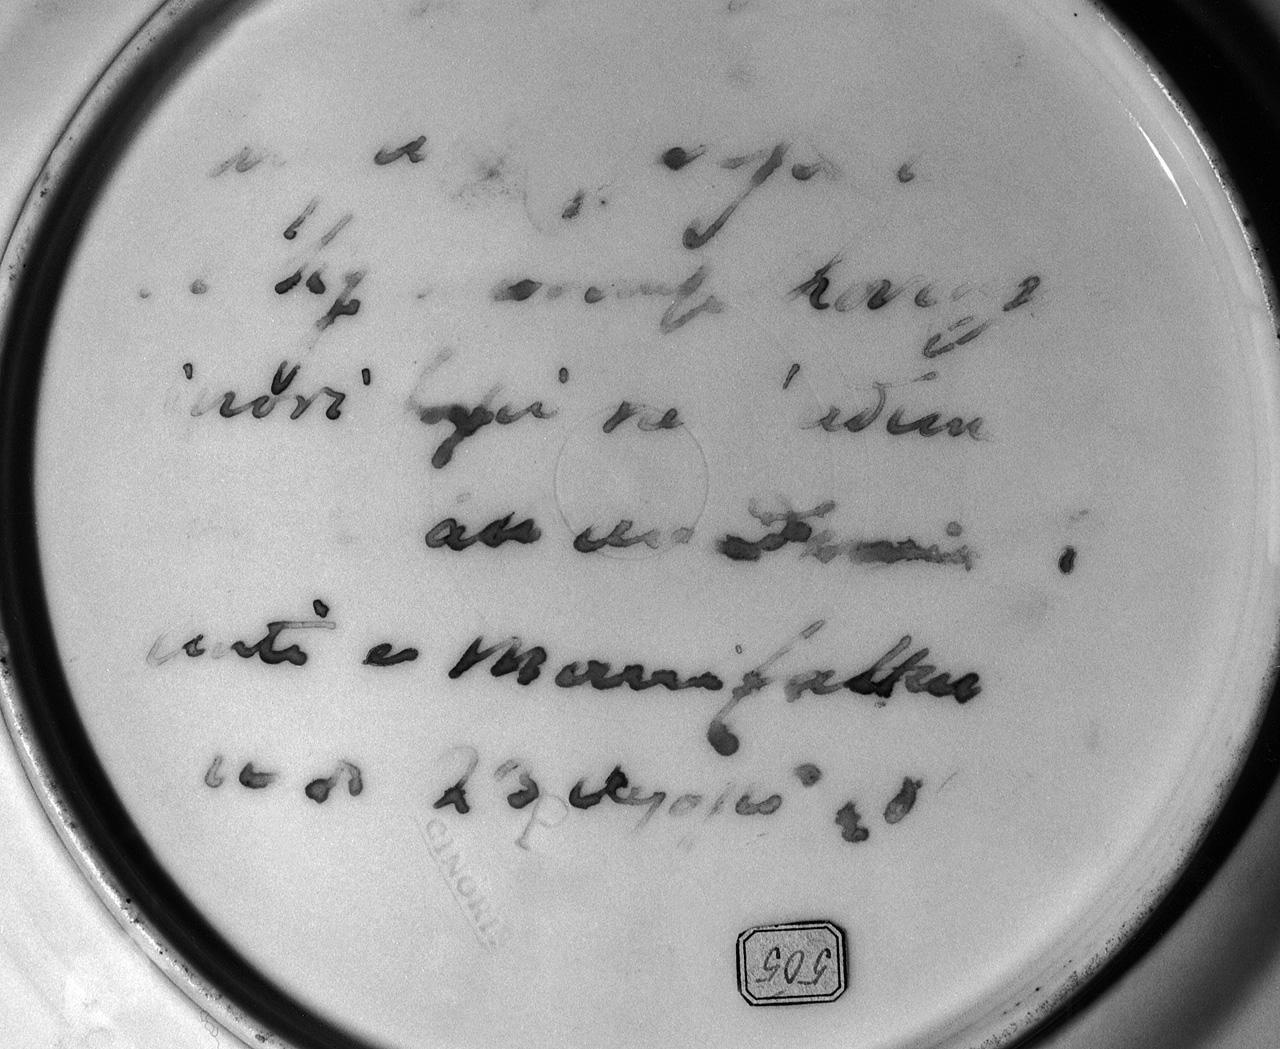 motivi decorativi vegetali (piatto) - manifattura Ginori di Doccia (sec. XIX)